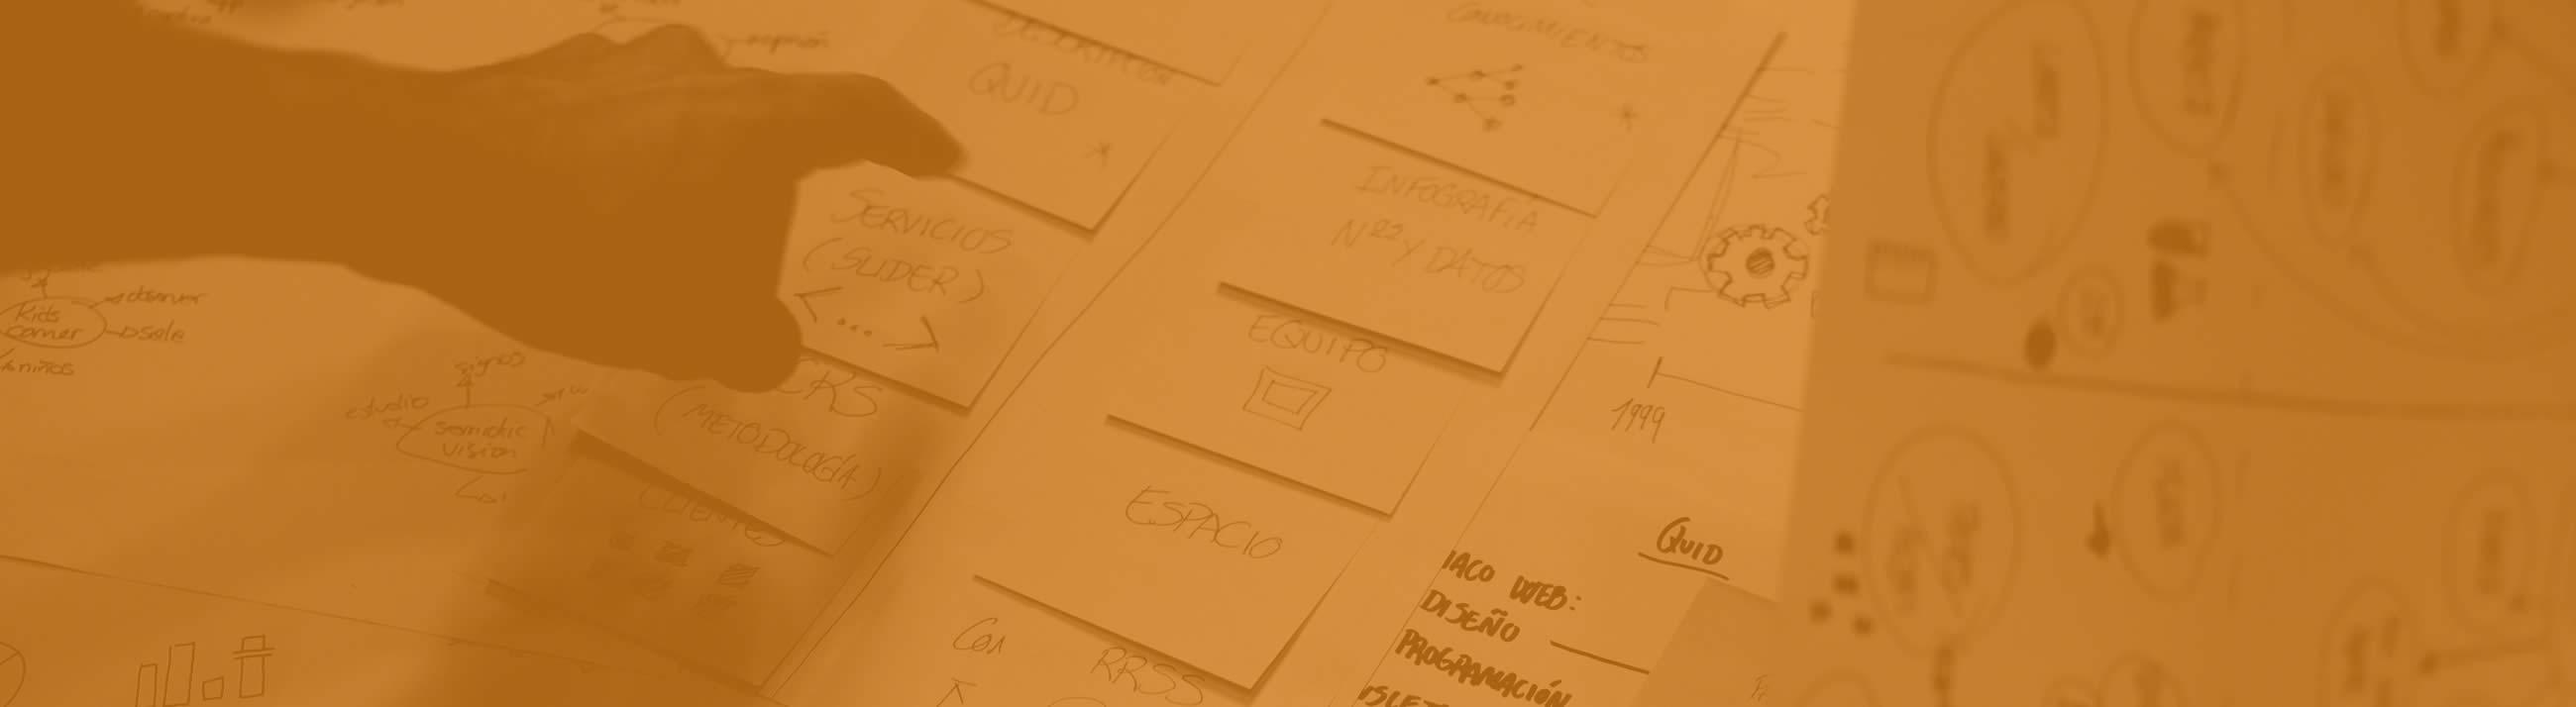 Estudio creativo de diseño gráfico, digital y web - Drool Studio slider 3